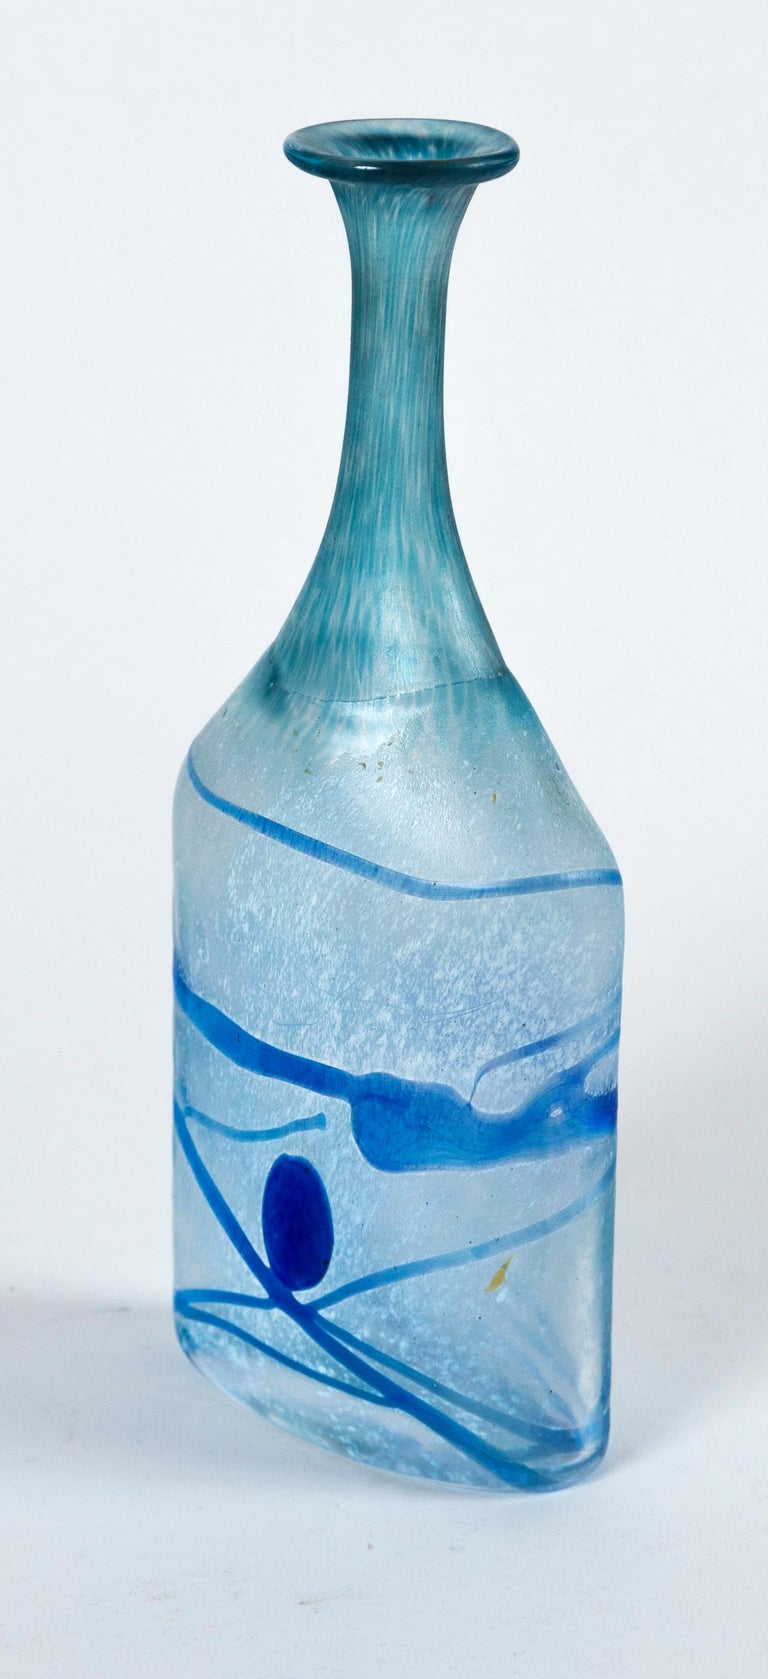 20th Century Art Glass Vase, Bertil Vallien, Kosta Boda, Sweden, circa 1970 For Sale